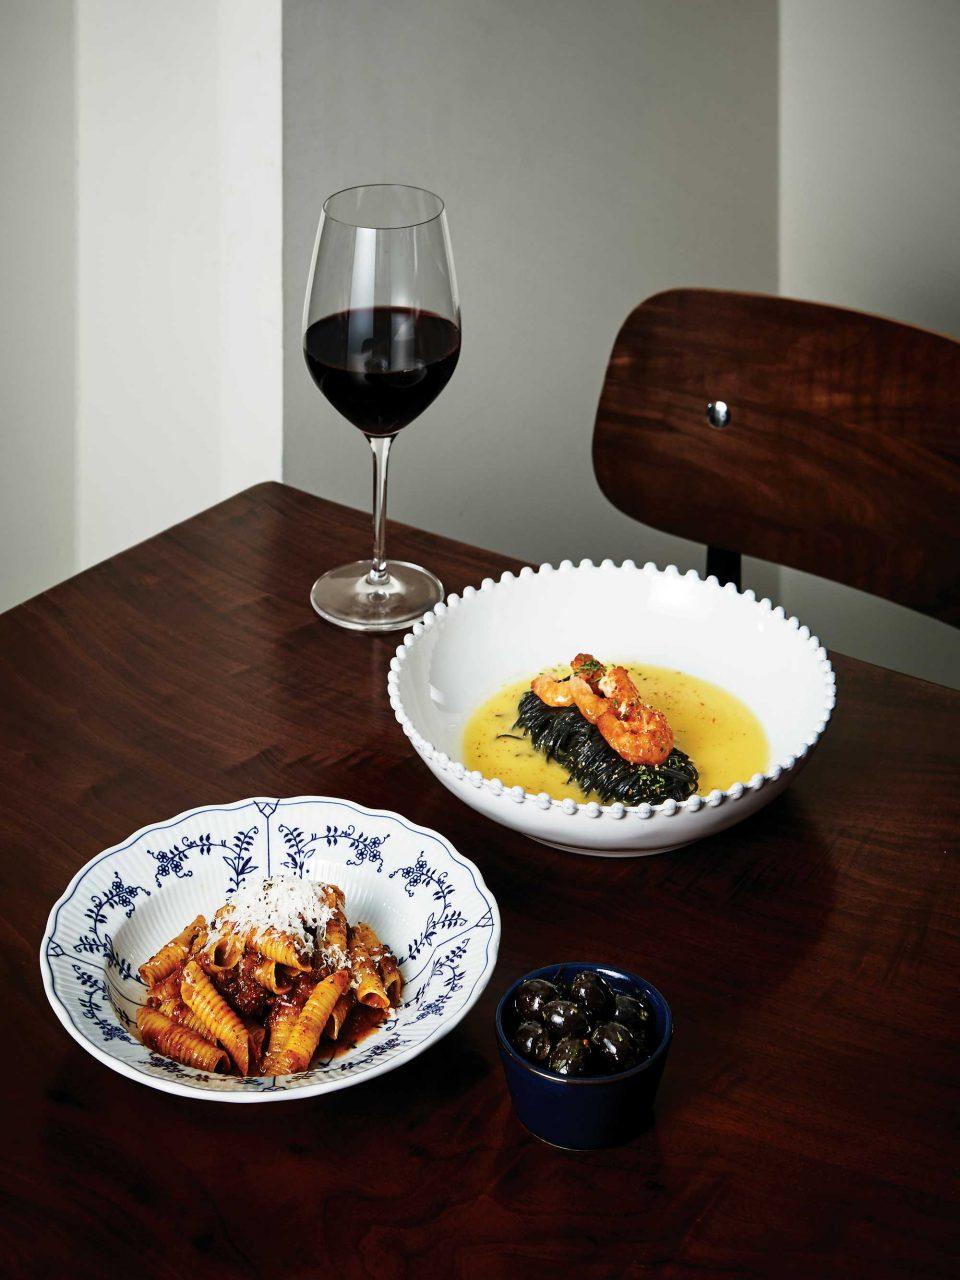 고소한 마늘버터소스의 오징어 먹물 카펠리니와 깊고 진한 고기 맛의 볼로네제소스의 가르가넬리. 두 메뉴 모두 매장에서 직접 만든 생면으로 만든 파스타다.